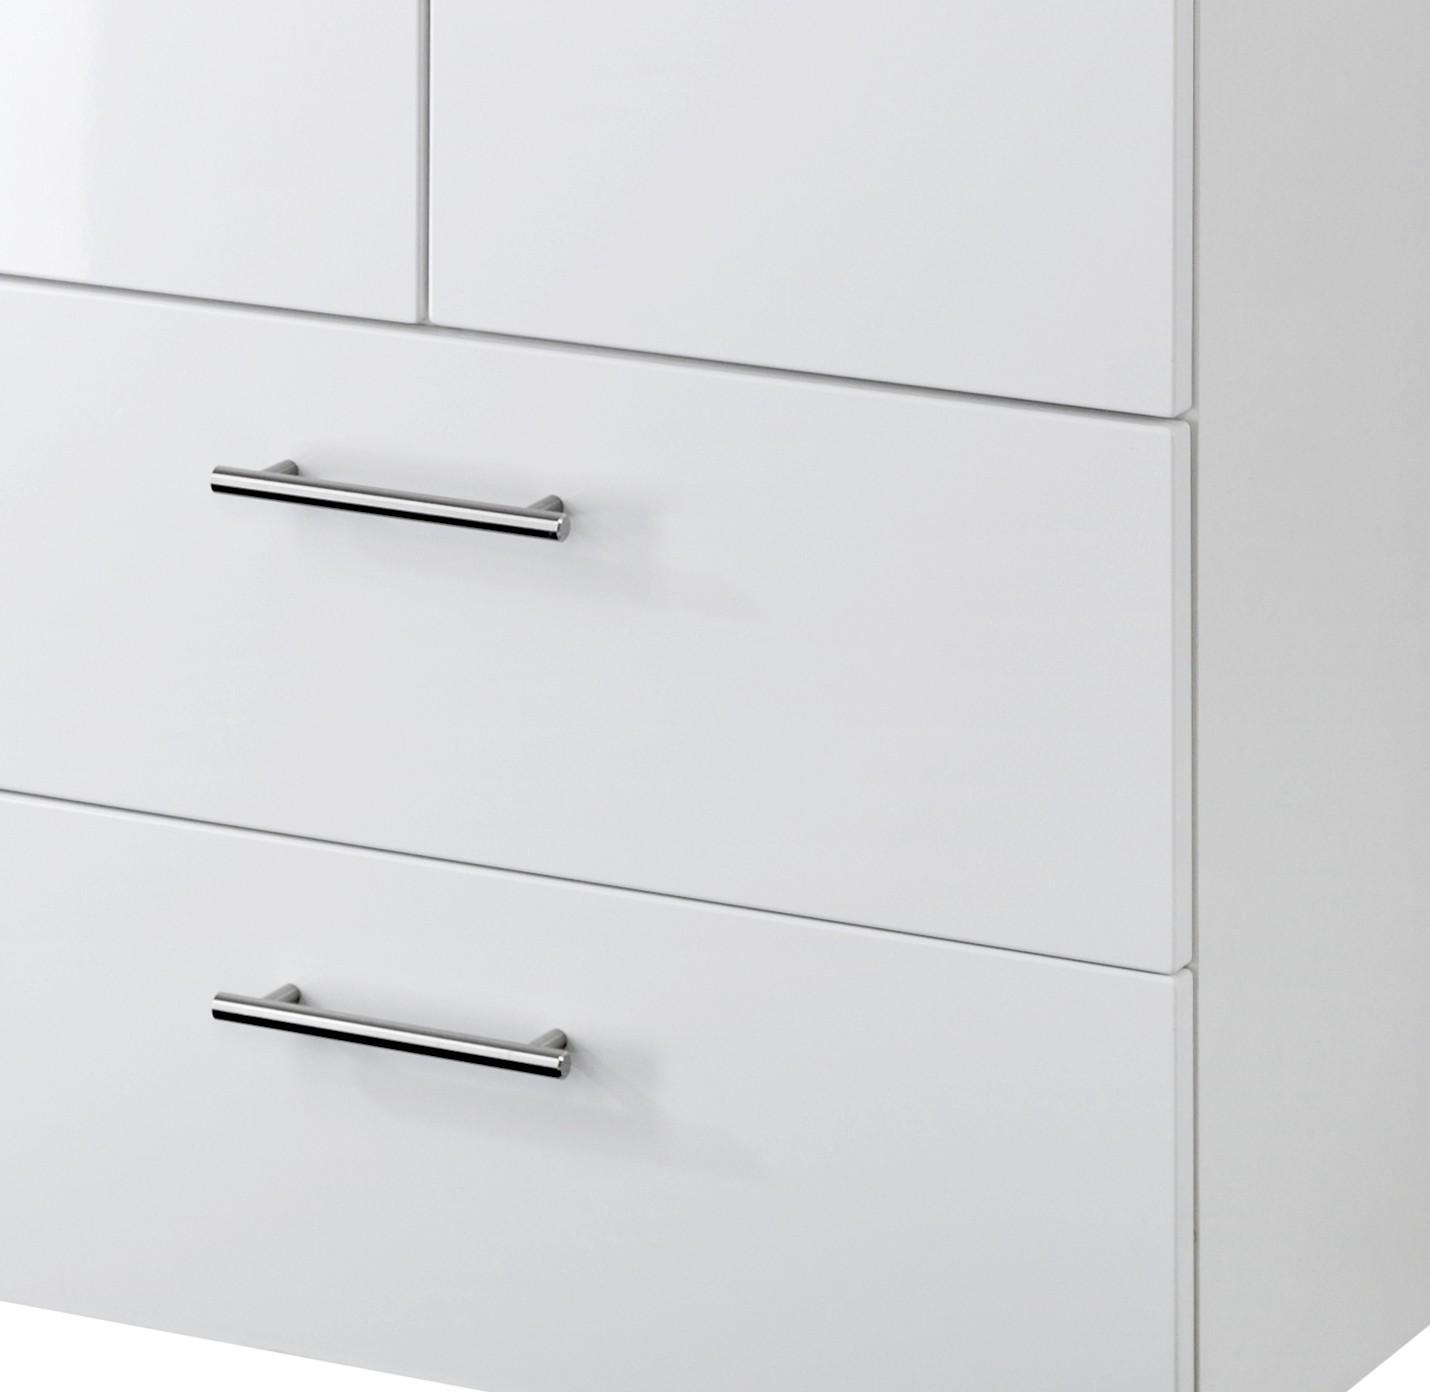 badezimmer midischrank blanco badezimmerschrank 2 t ren 2 schubladen 70 cm weiss ebay. Black Bedroom Furniture Sets. Home Design Ideas